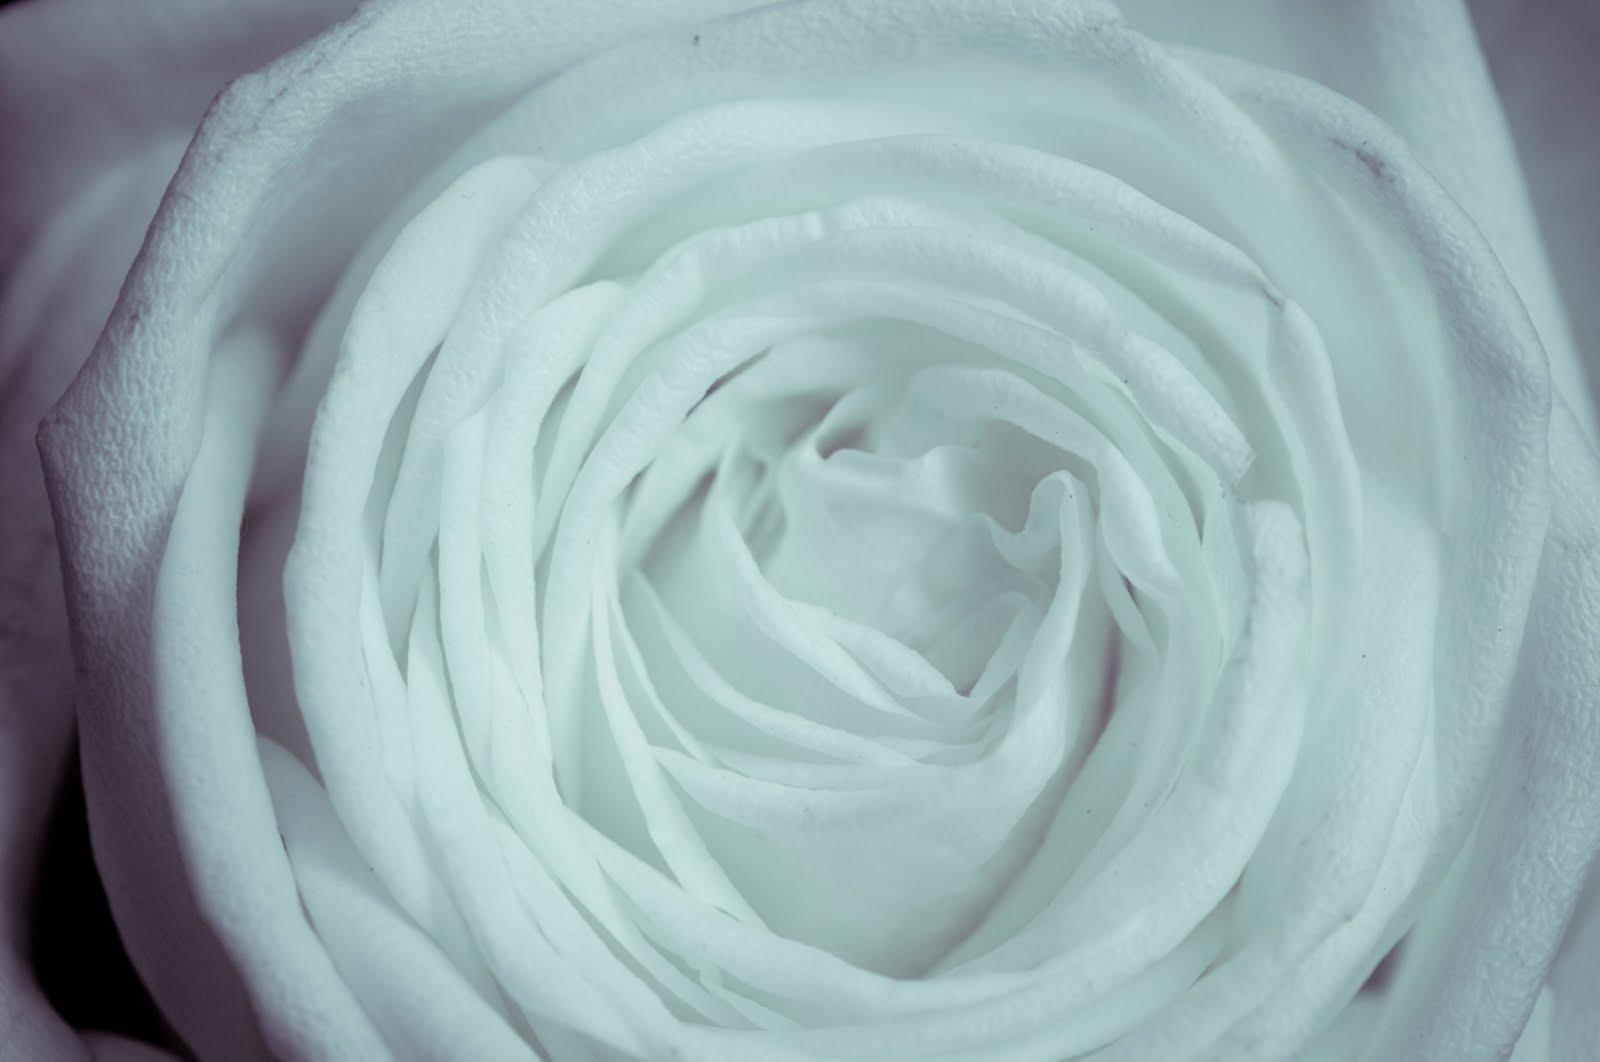 http://2.bp.blogspot.com/_6Ks7mquN8BQ/TQpCDToImmI/AAAAAAAAAnU/yN2OL5Z5H_8/s1600/trandafir_alb.jpg